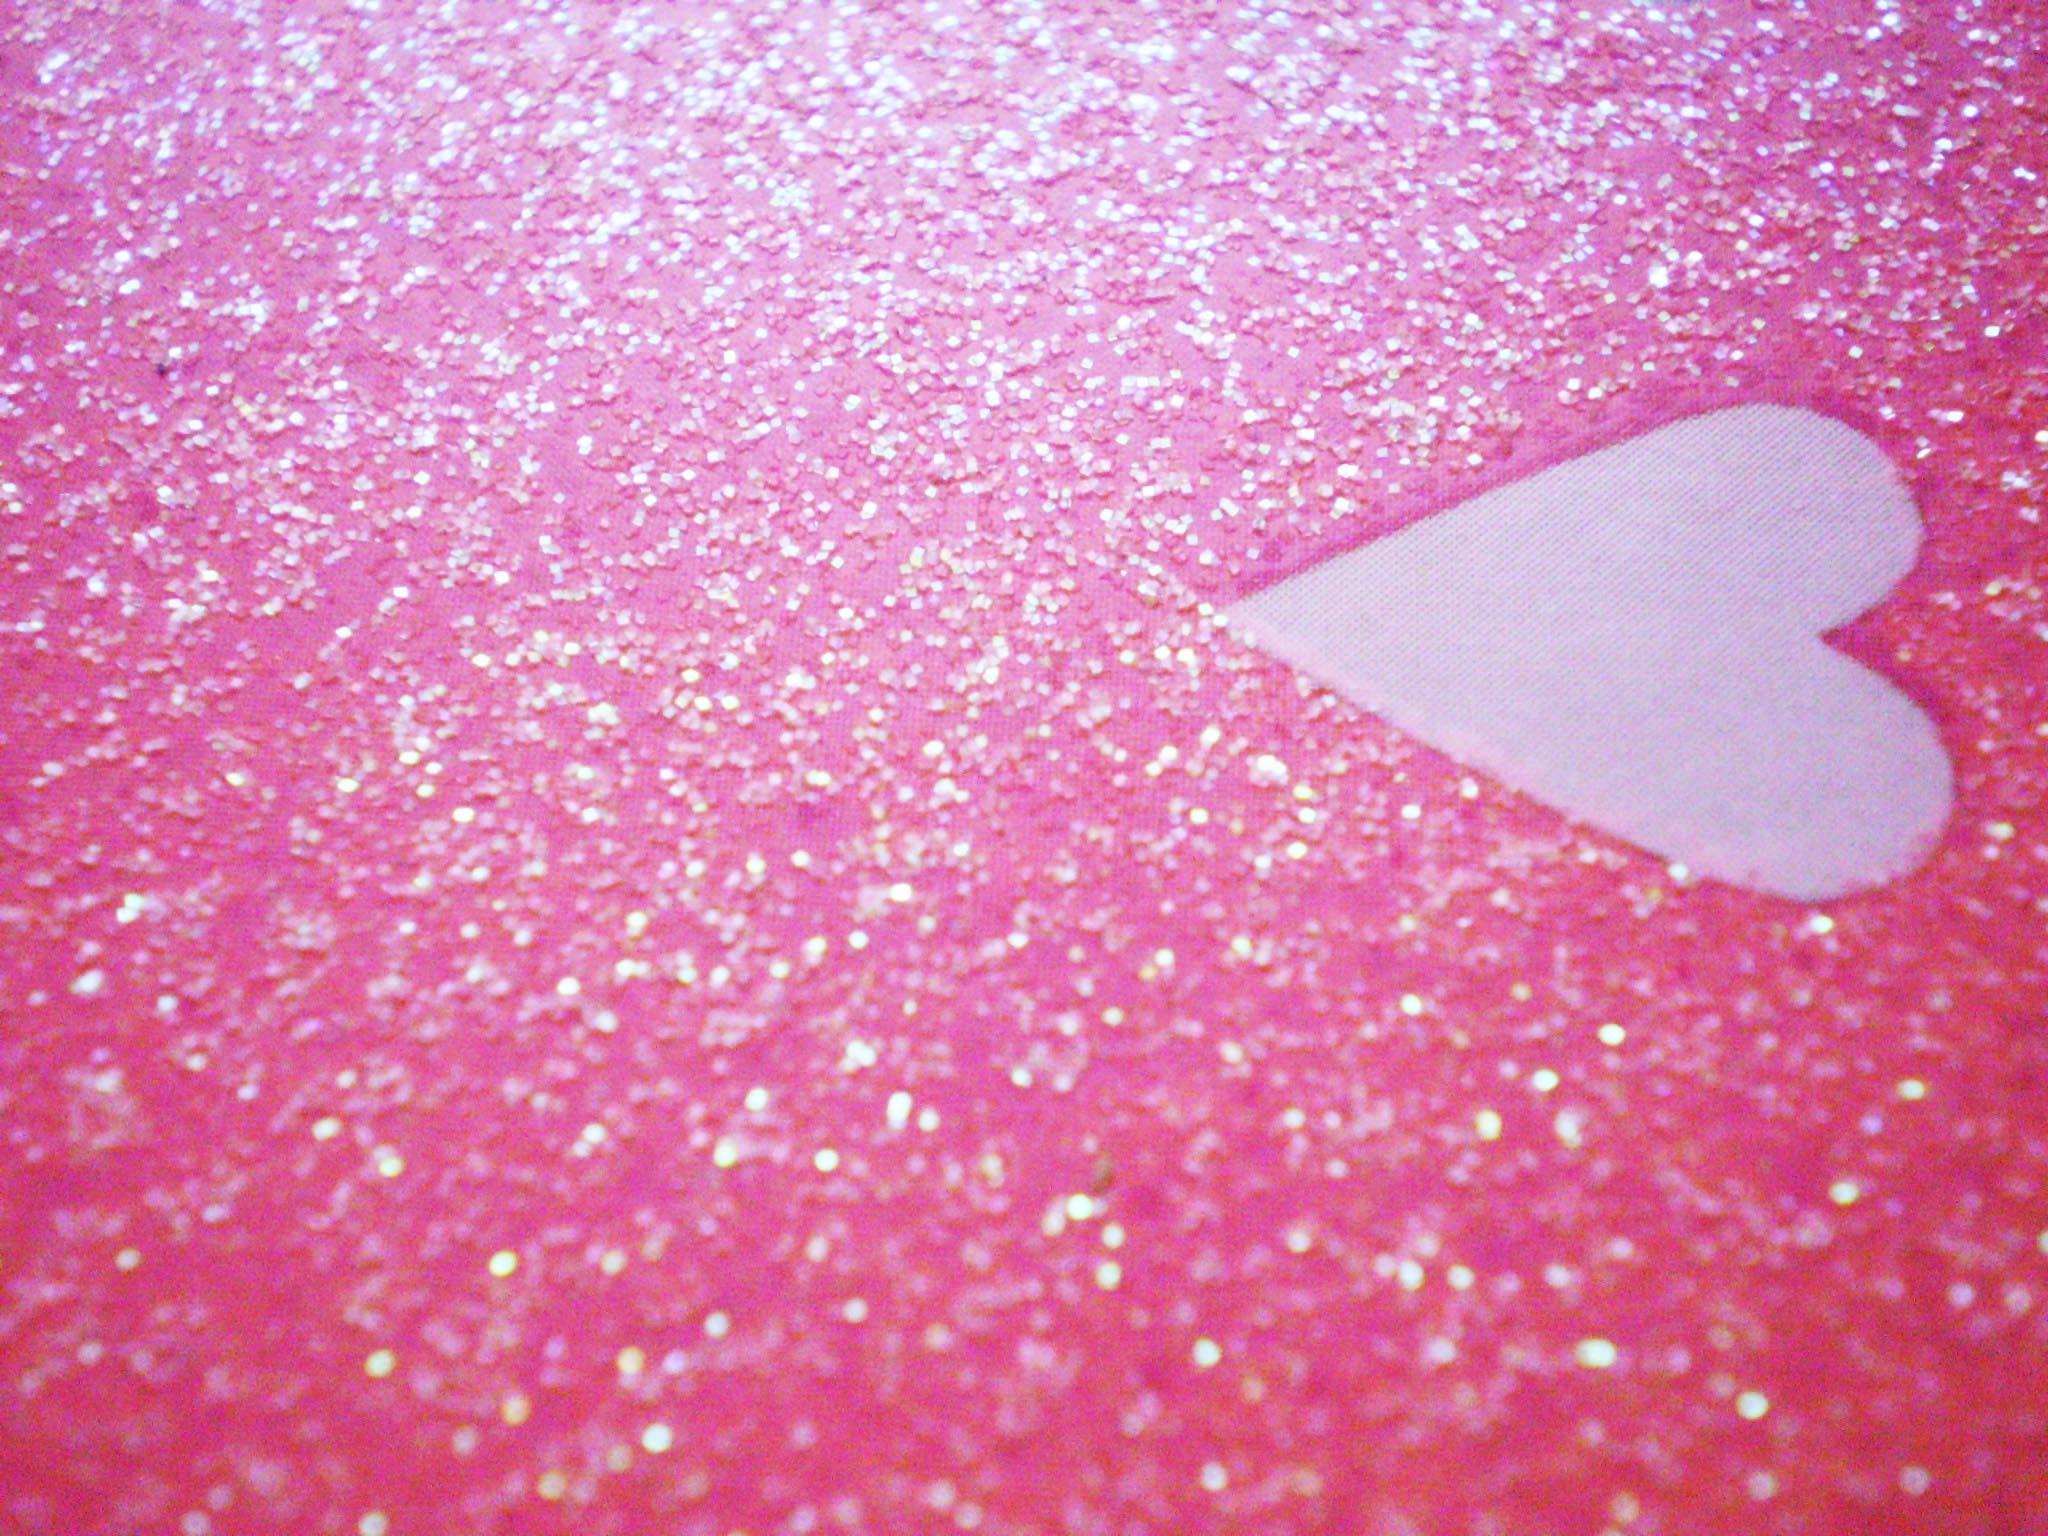 Glitter Pink Heart HD Wallpaper.